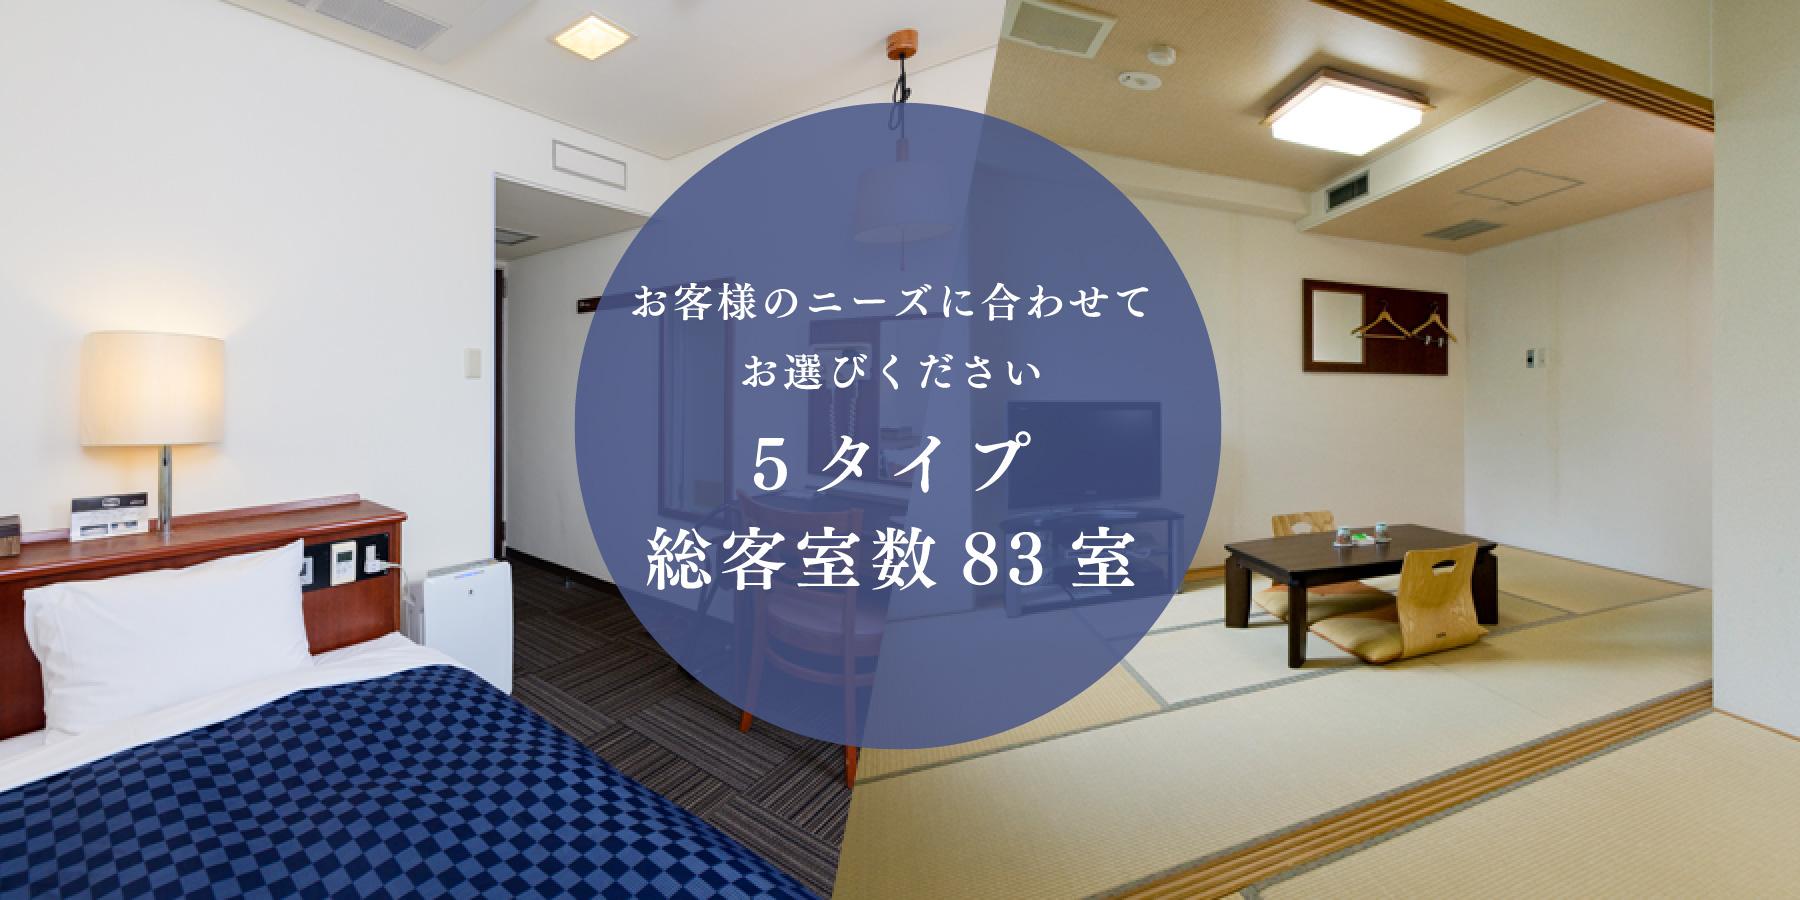 お客様のニーズに合わせてお選びください。5タイプ総客室数83室